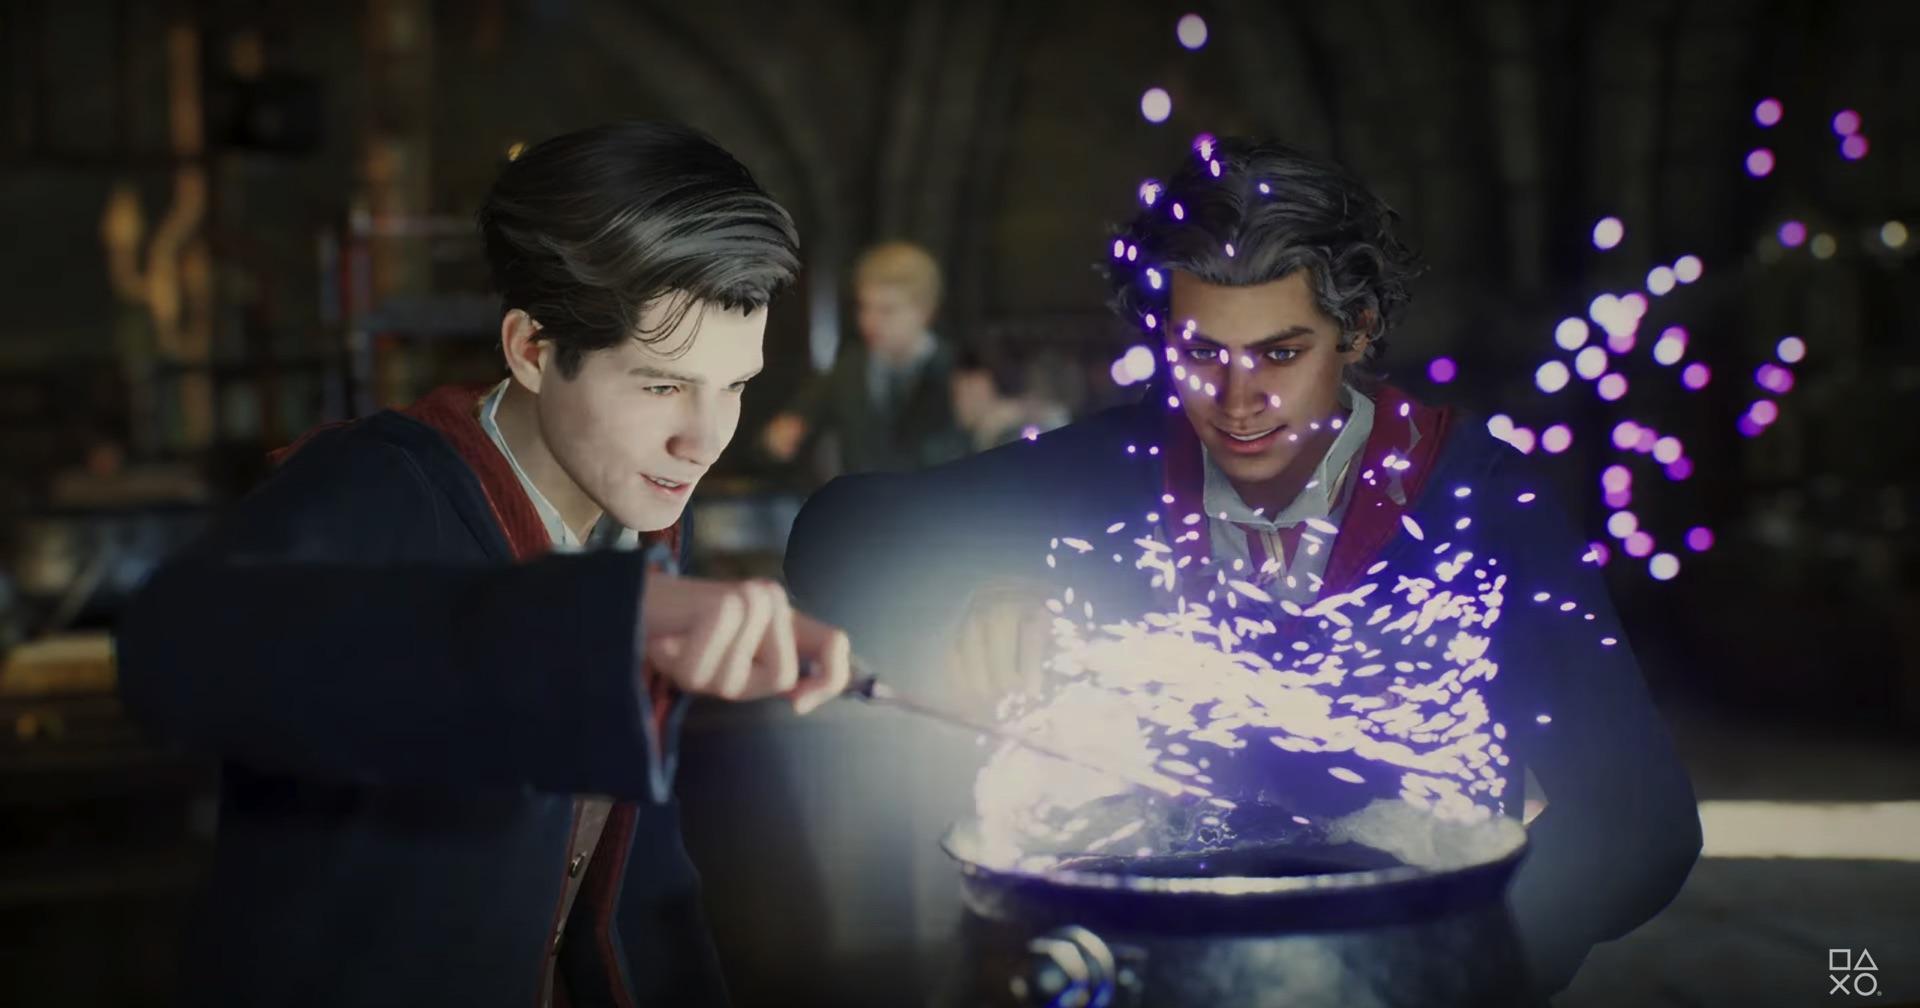 Hogwarts Legacy จะสามารถสร้างตัวละครแบบข้ามเพศได้